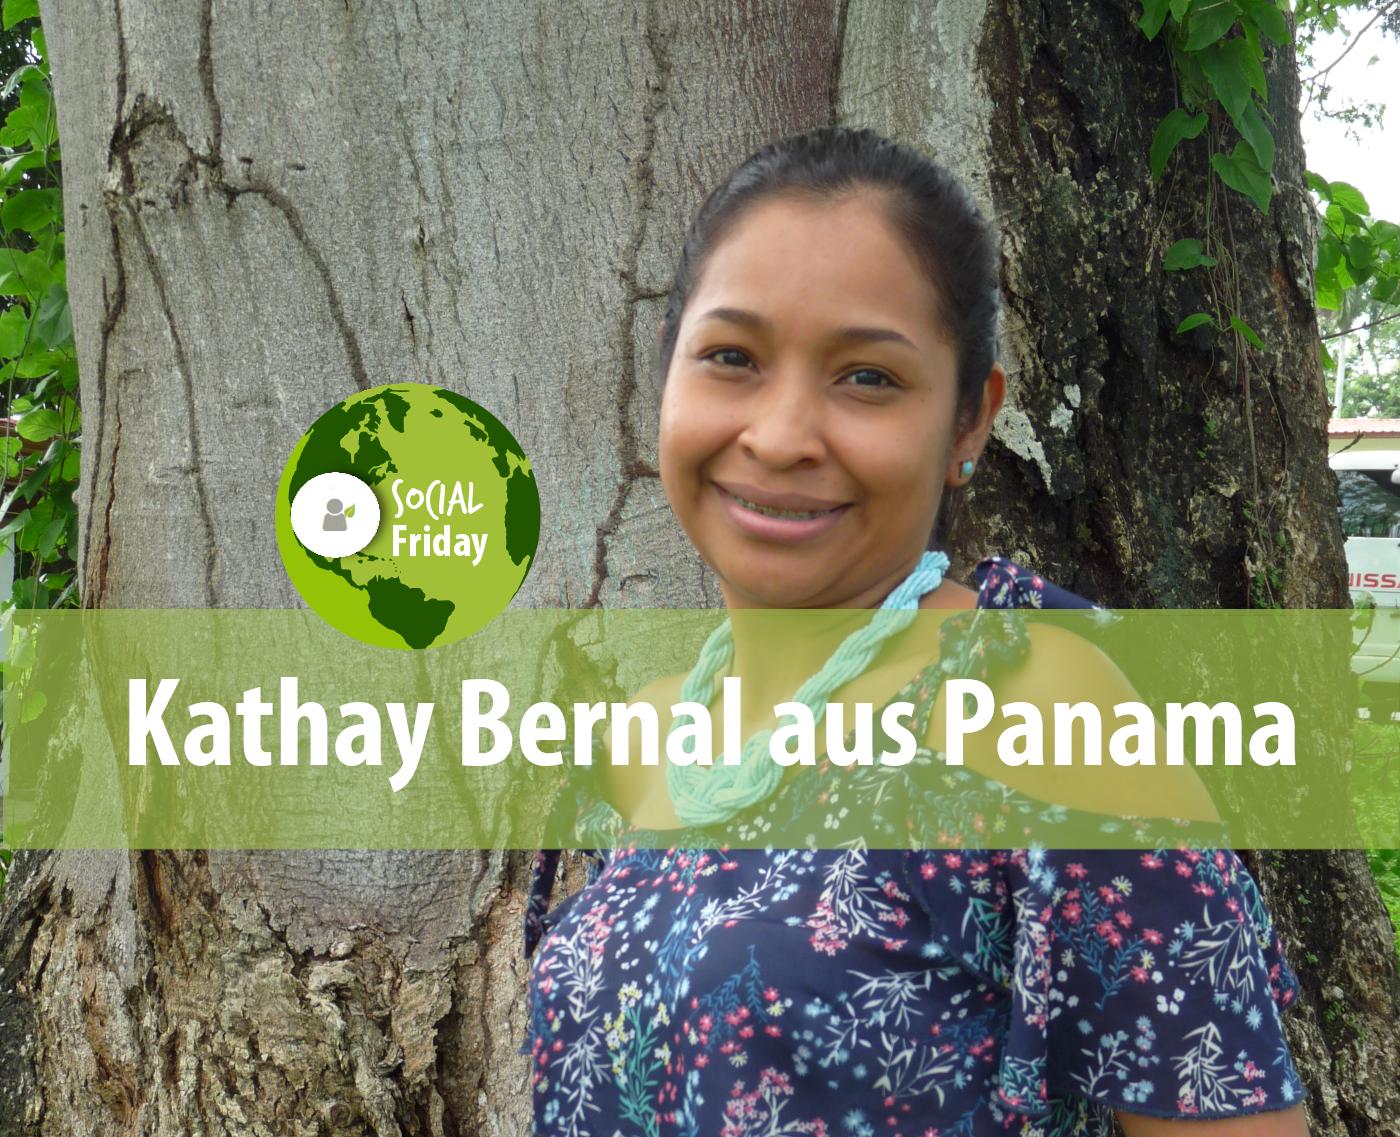 Kathay Bernal unterstützt die Buchhaltung in Panama. Foto: privat